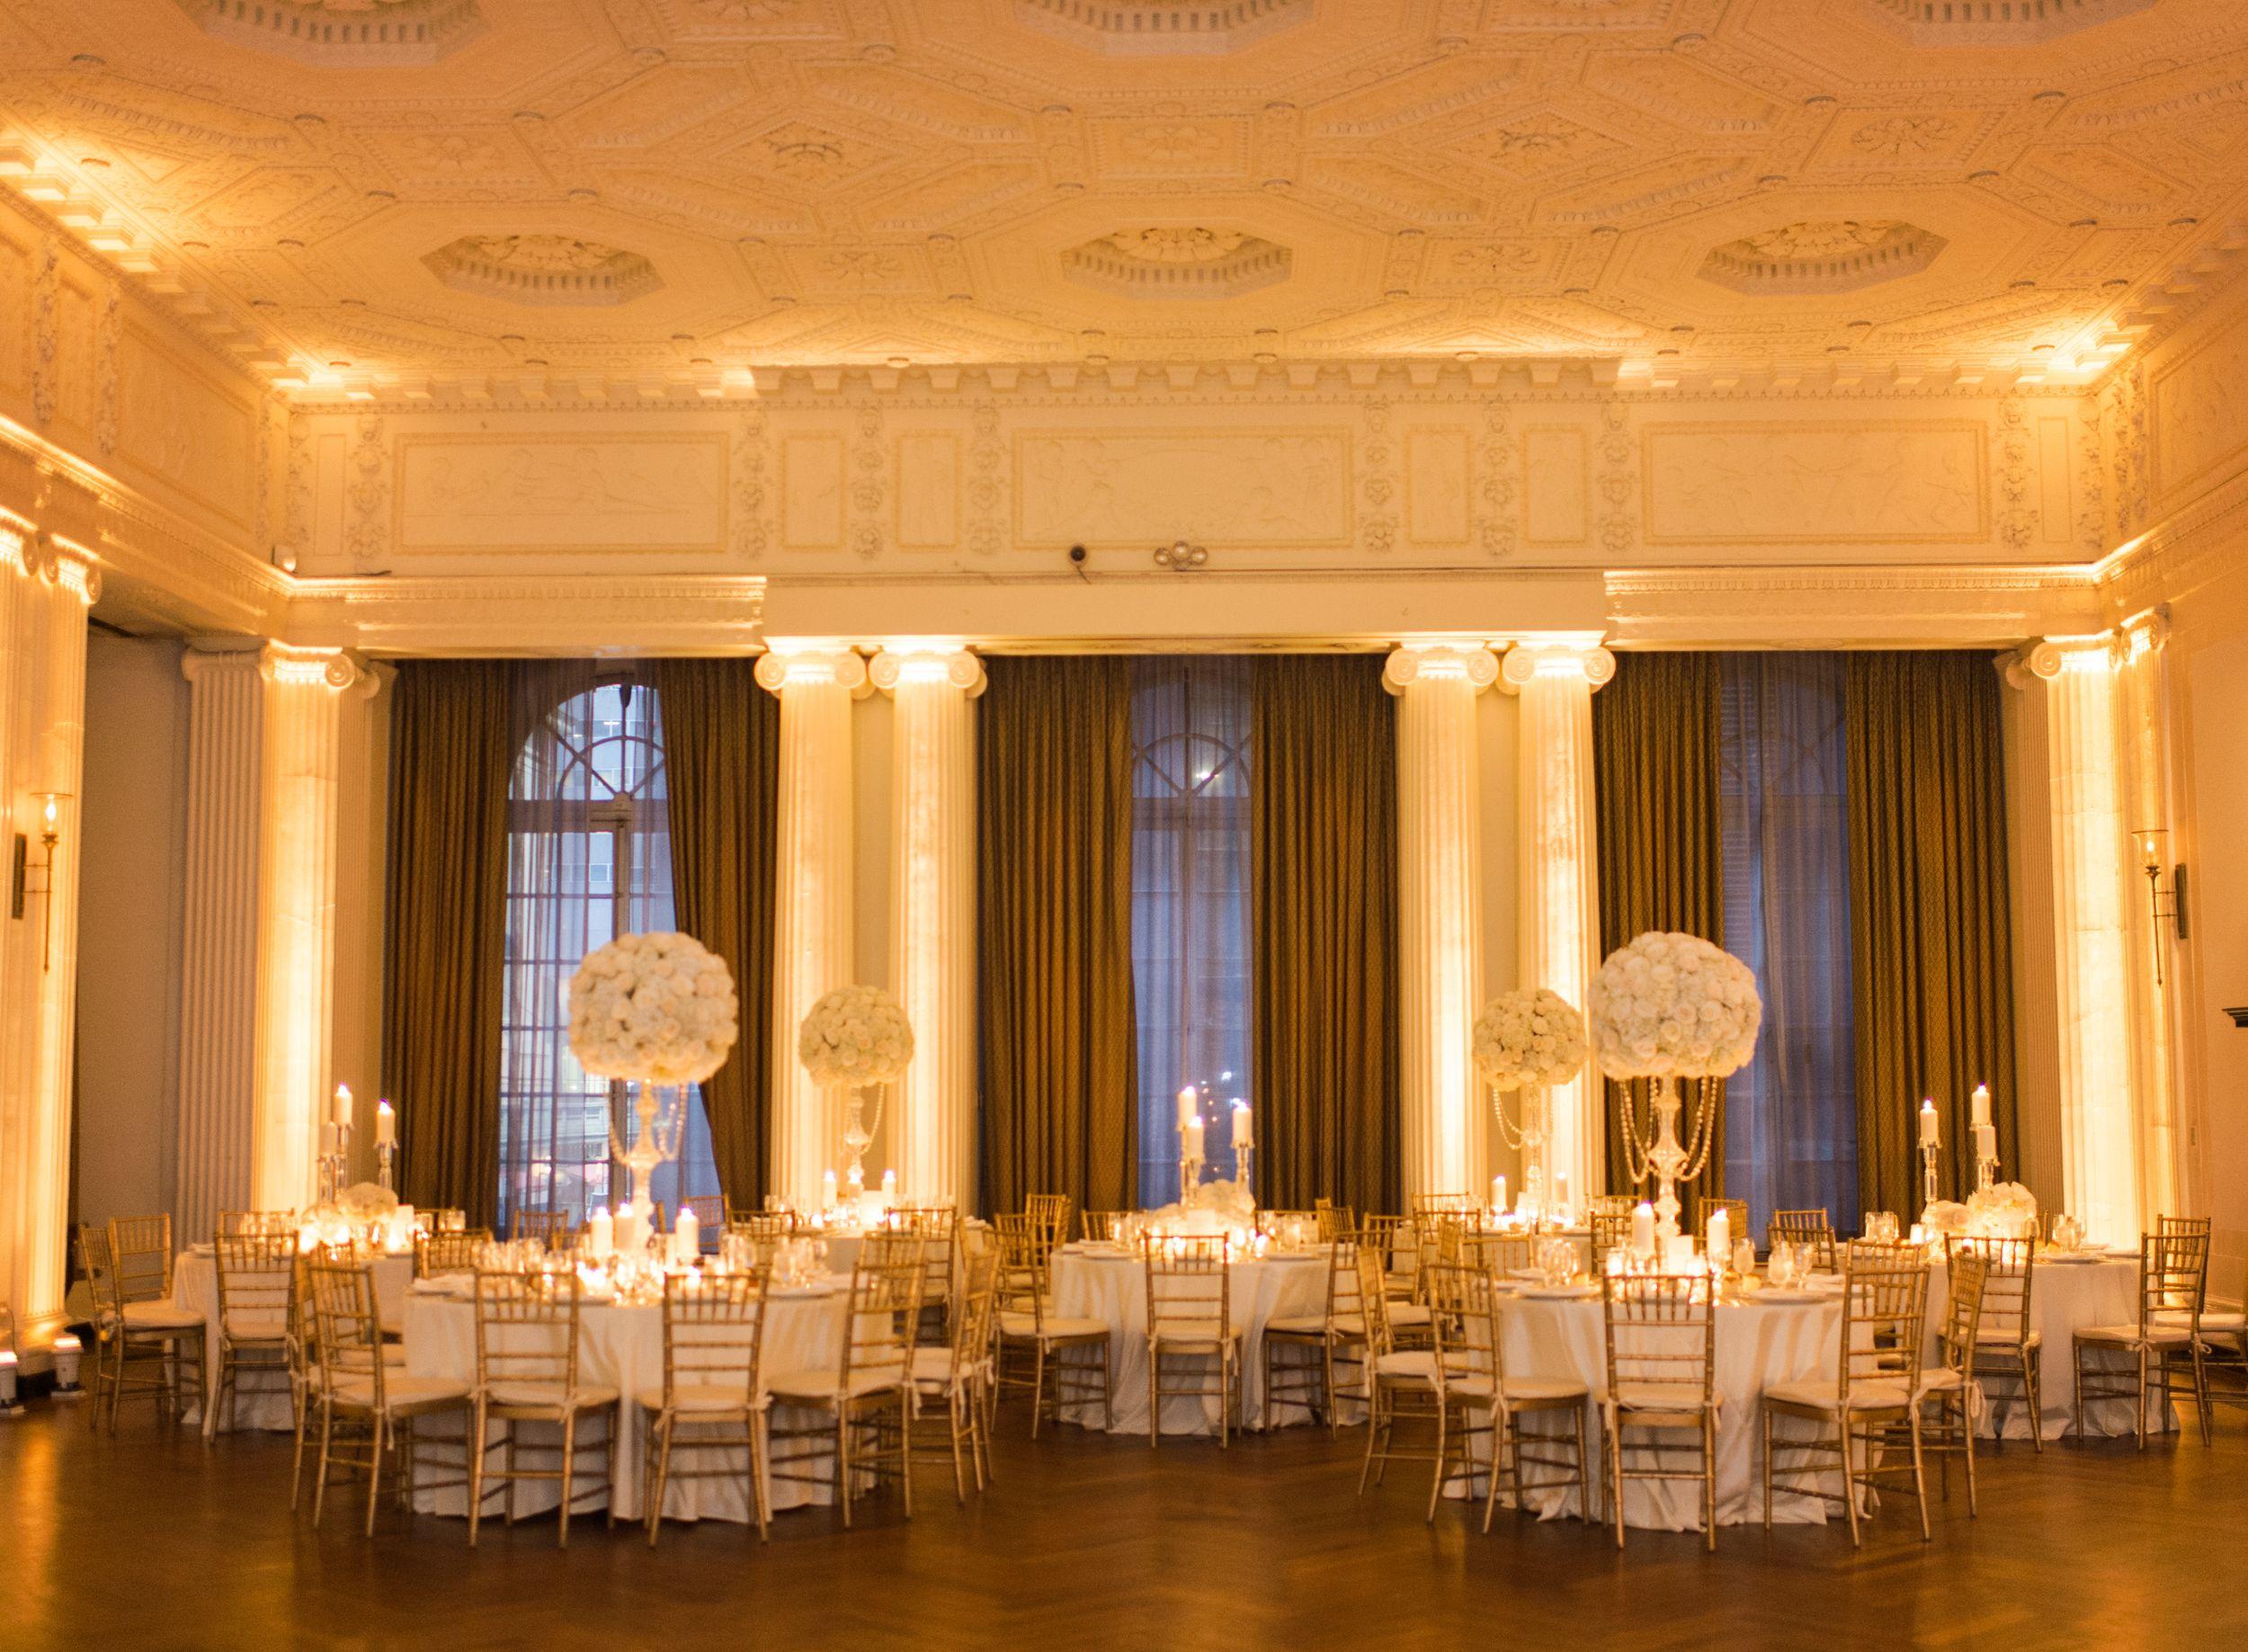 wedding reception locations nyc%0A Yale Club Ballroom Wedding Reception